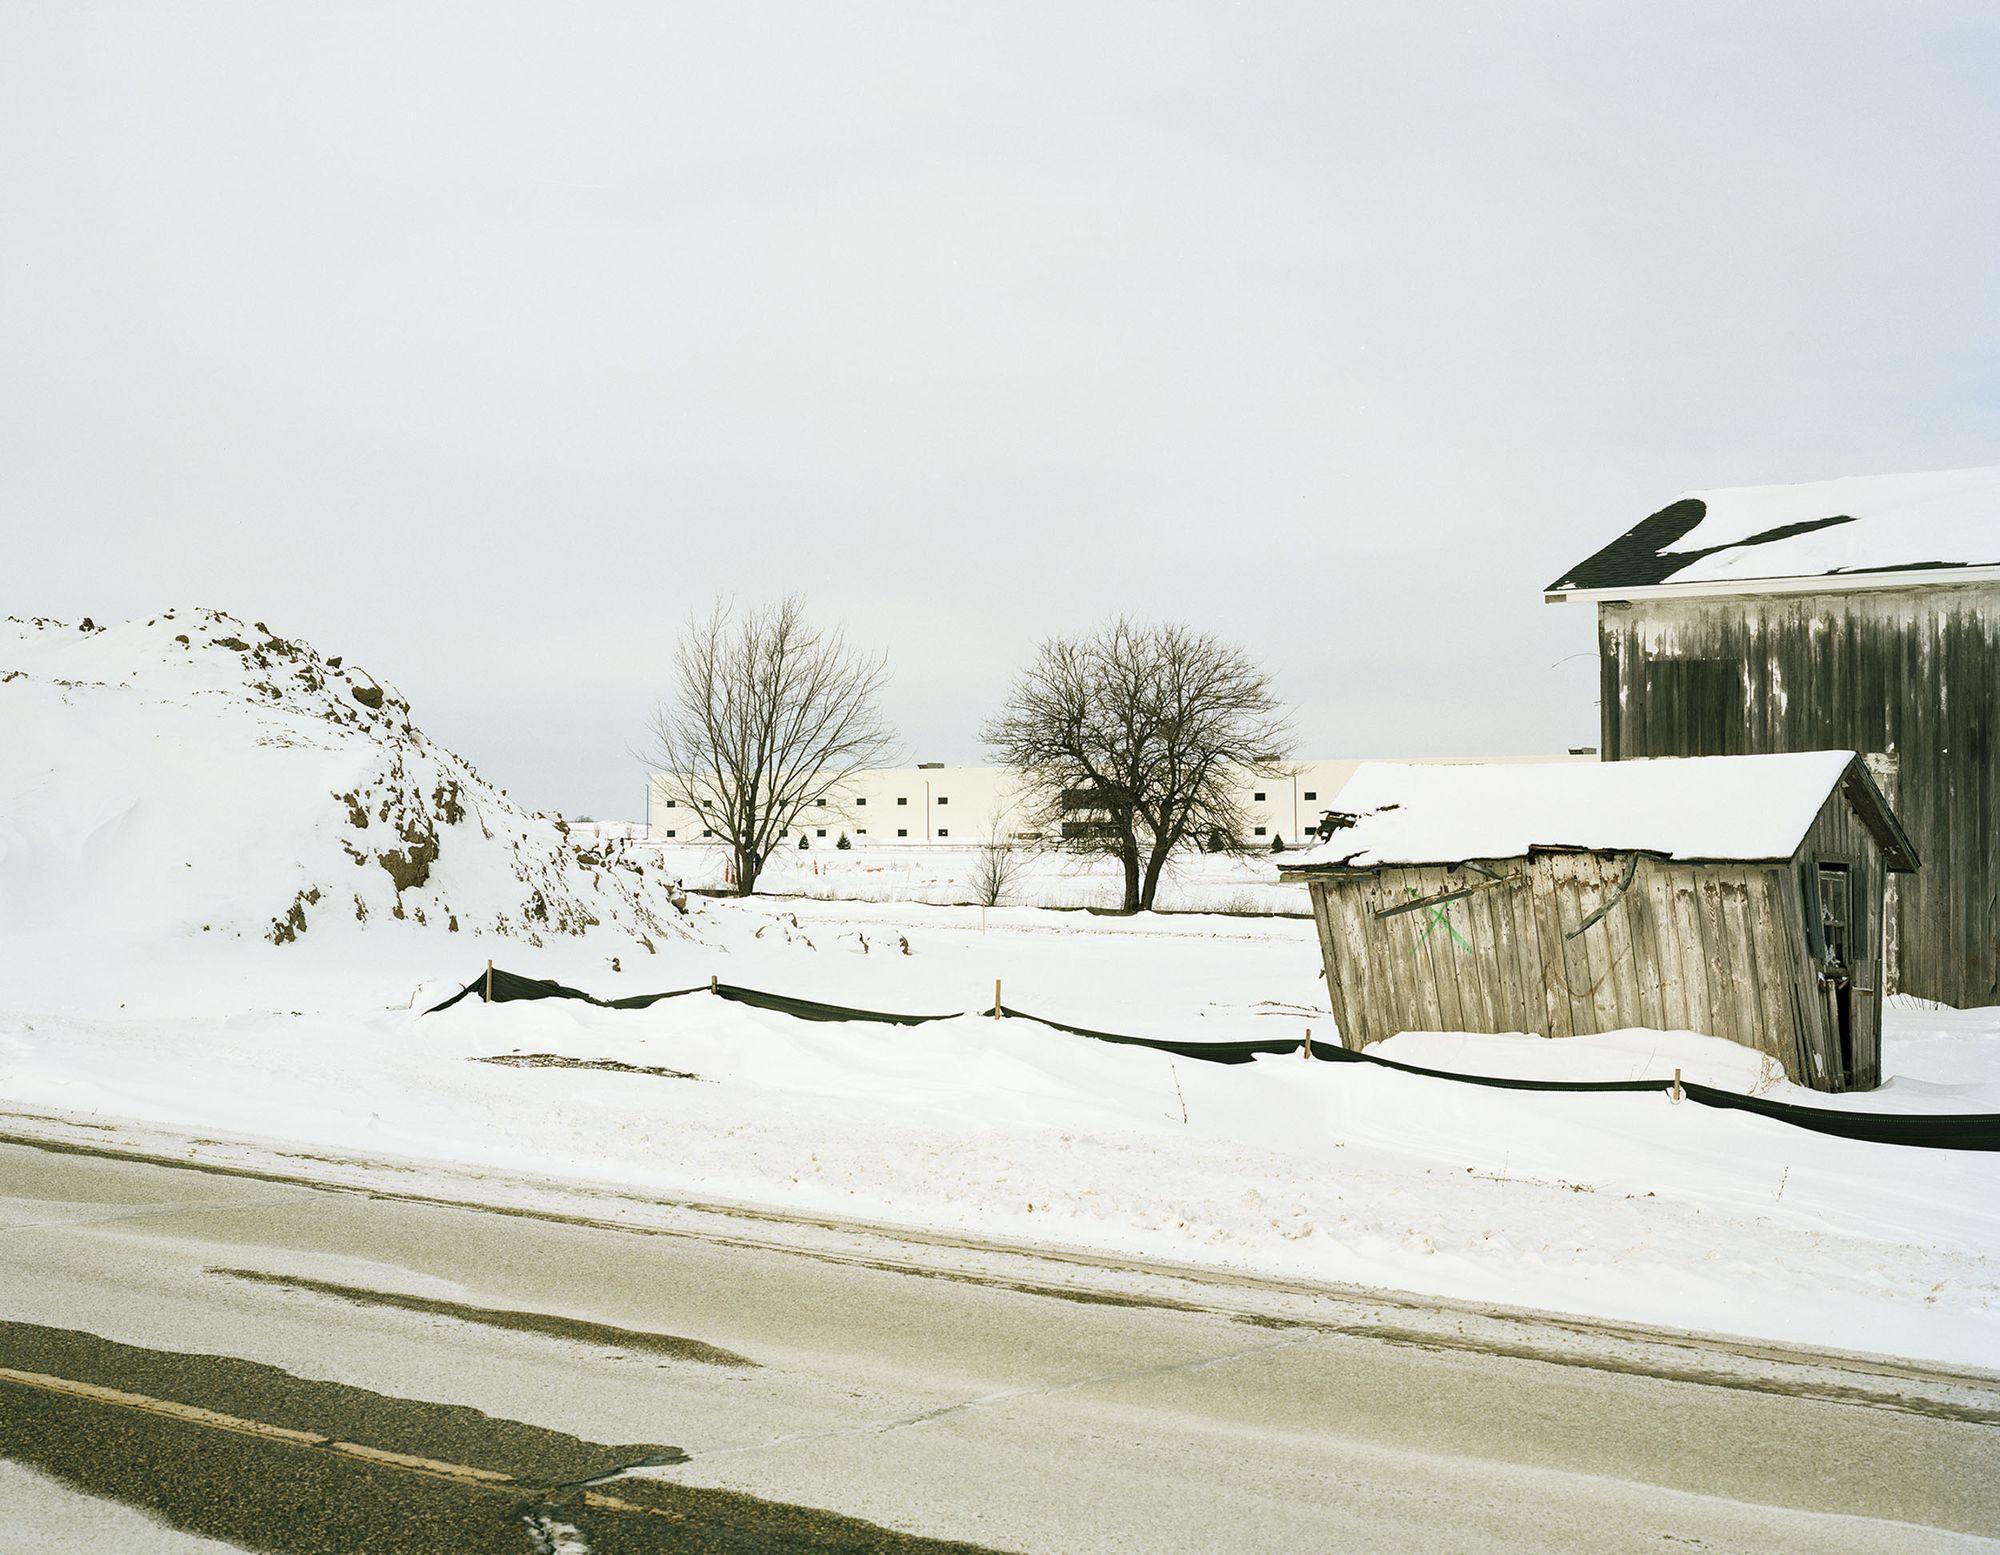 雪覆盖了富士康威斯康星州的厂区